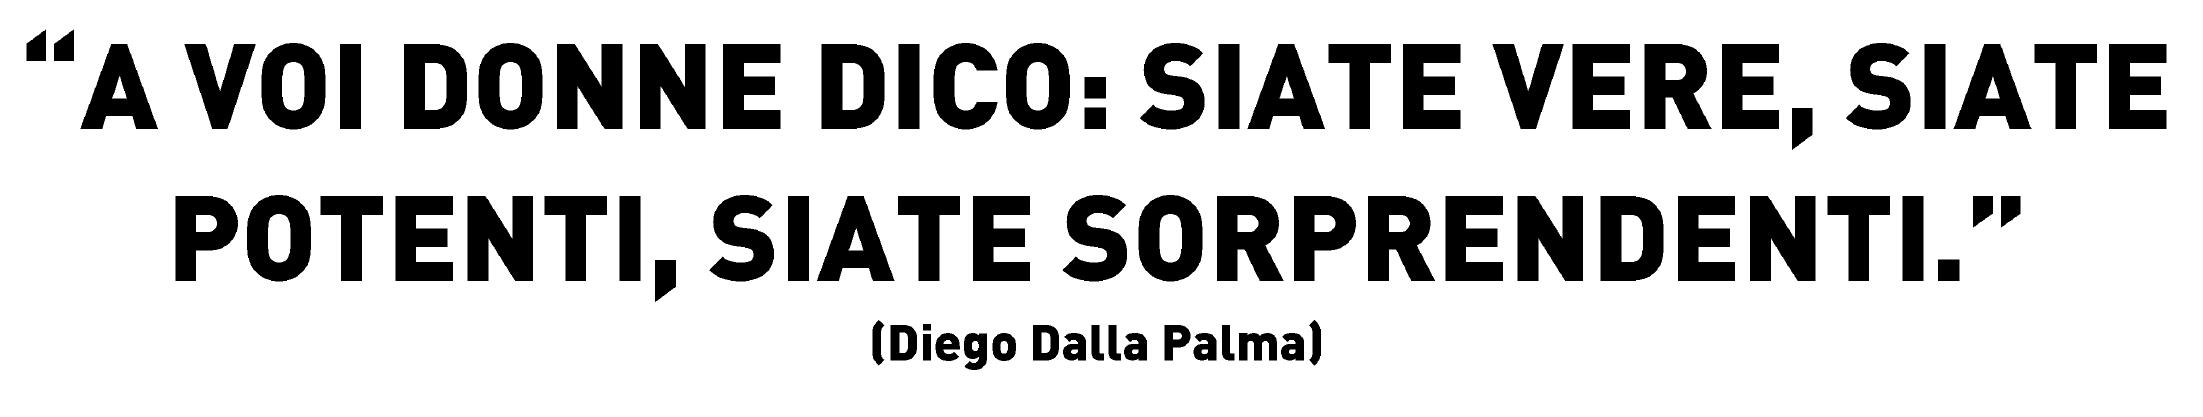 You Are Bellissima e il messaggio di Diego Della Palma dedicato alle donne